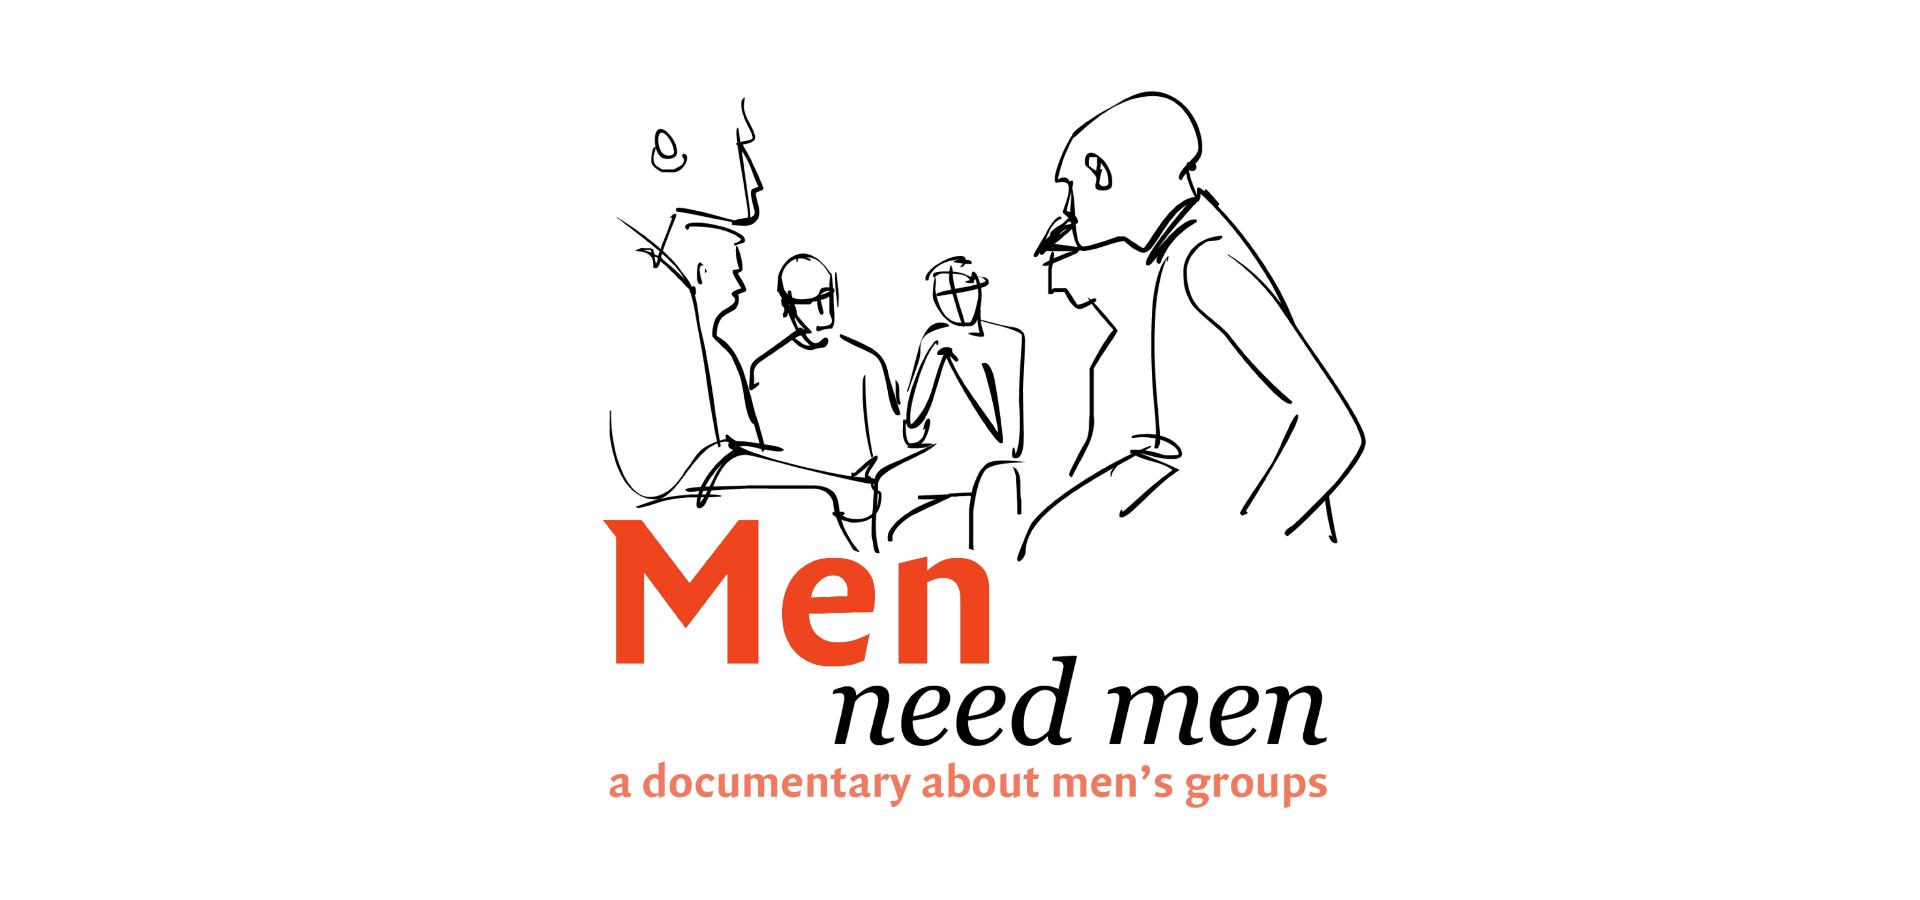 Waarom hebben mannen mannen nodig?